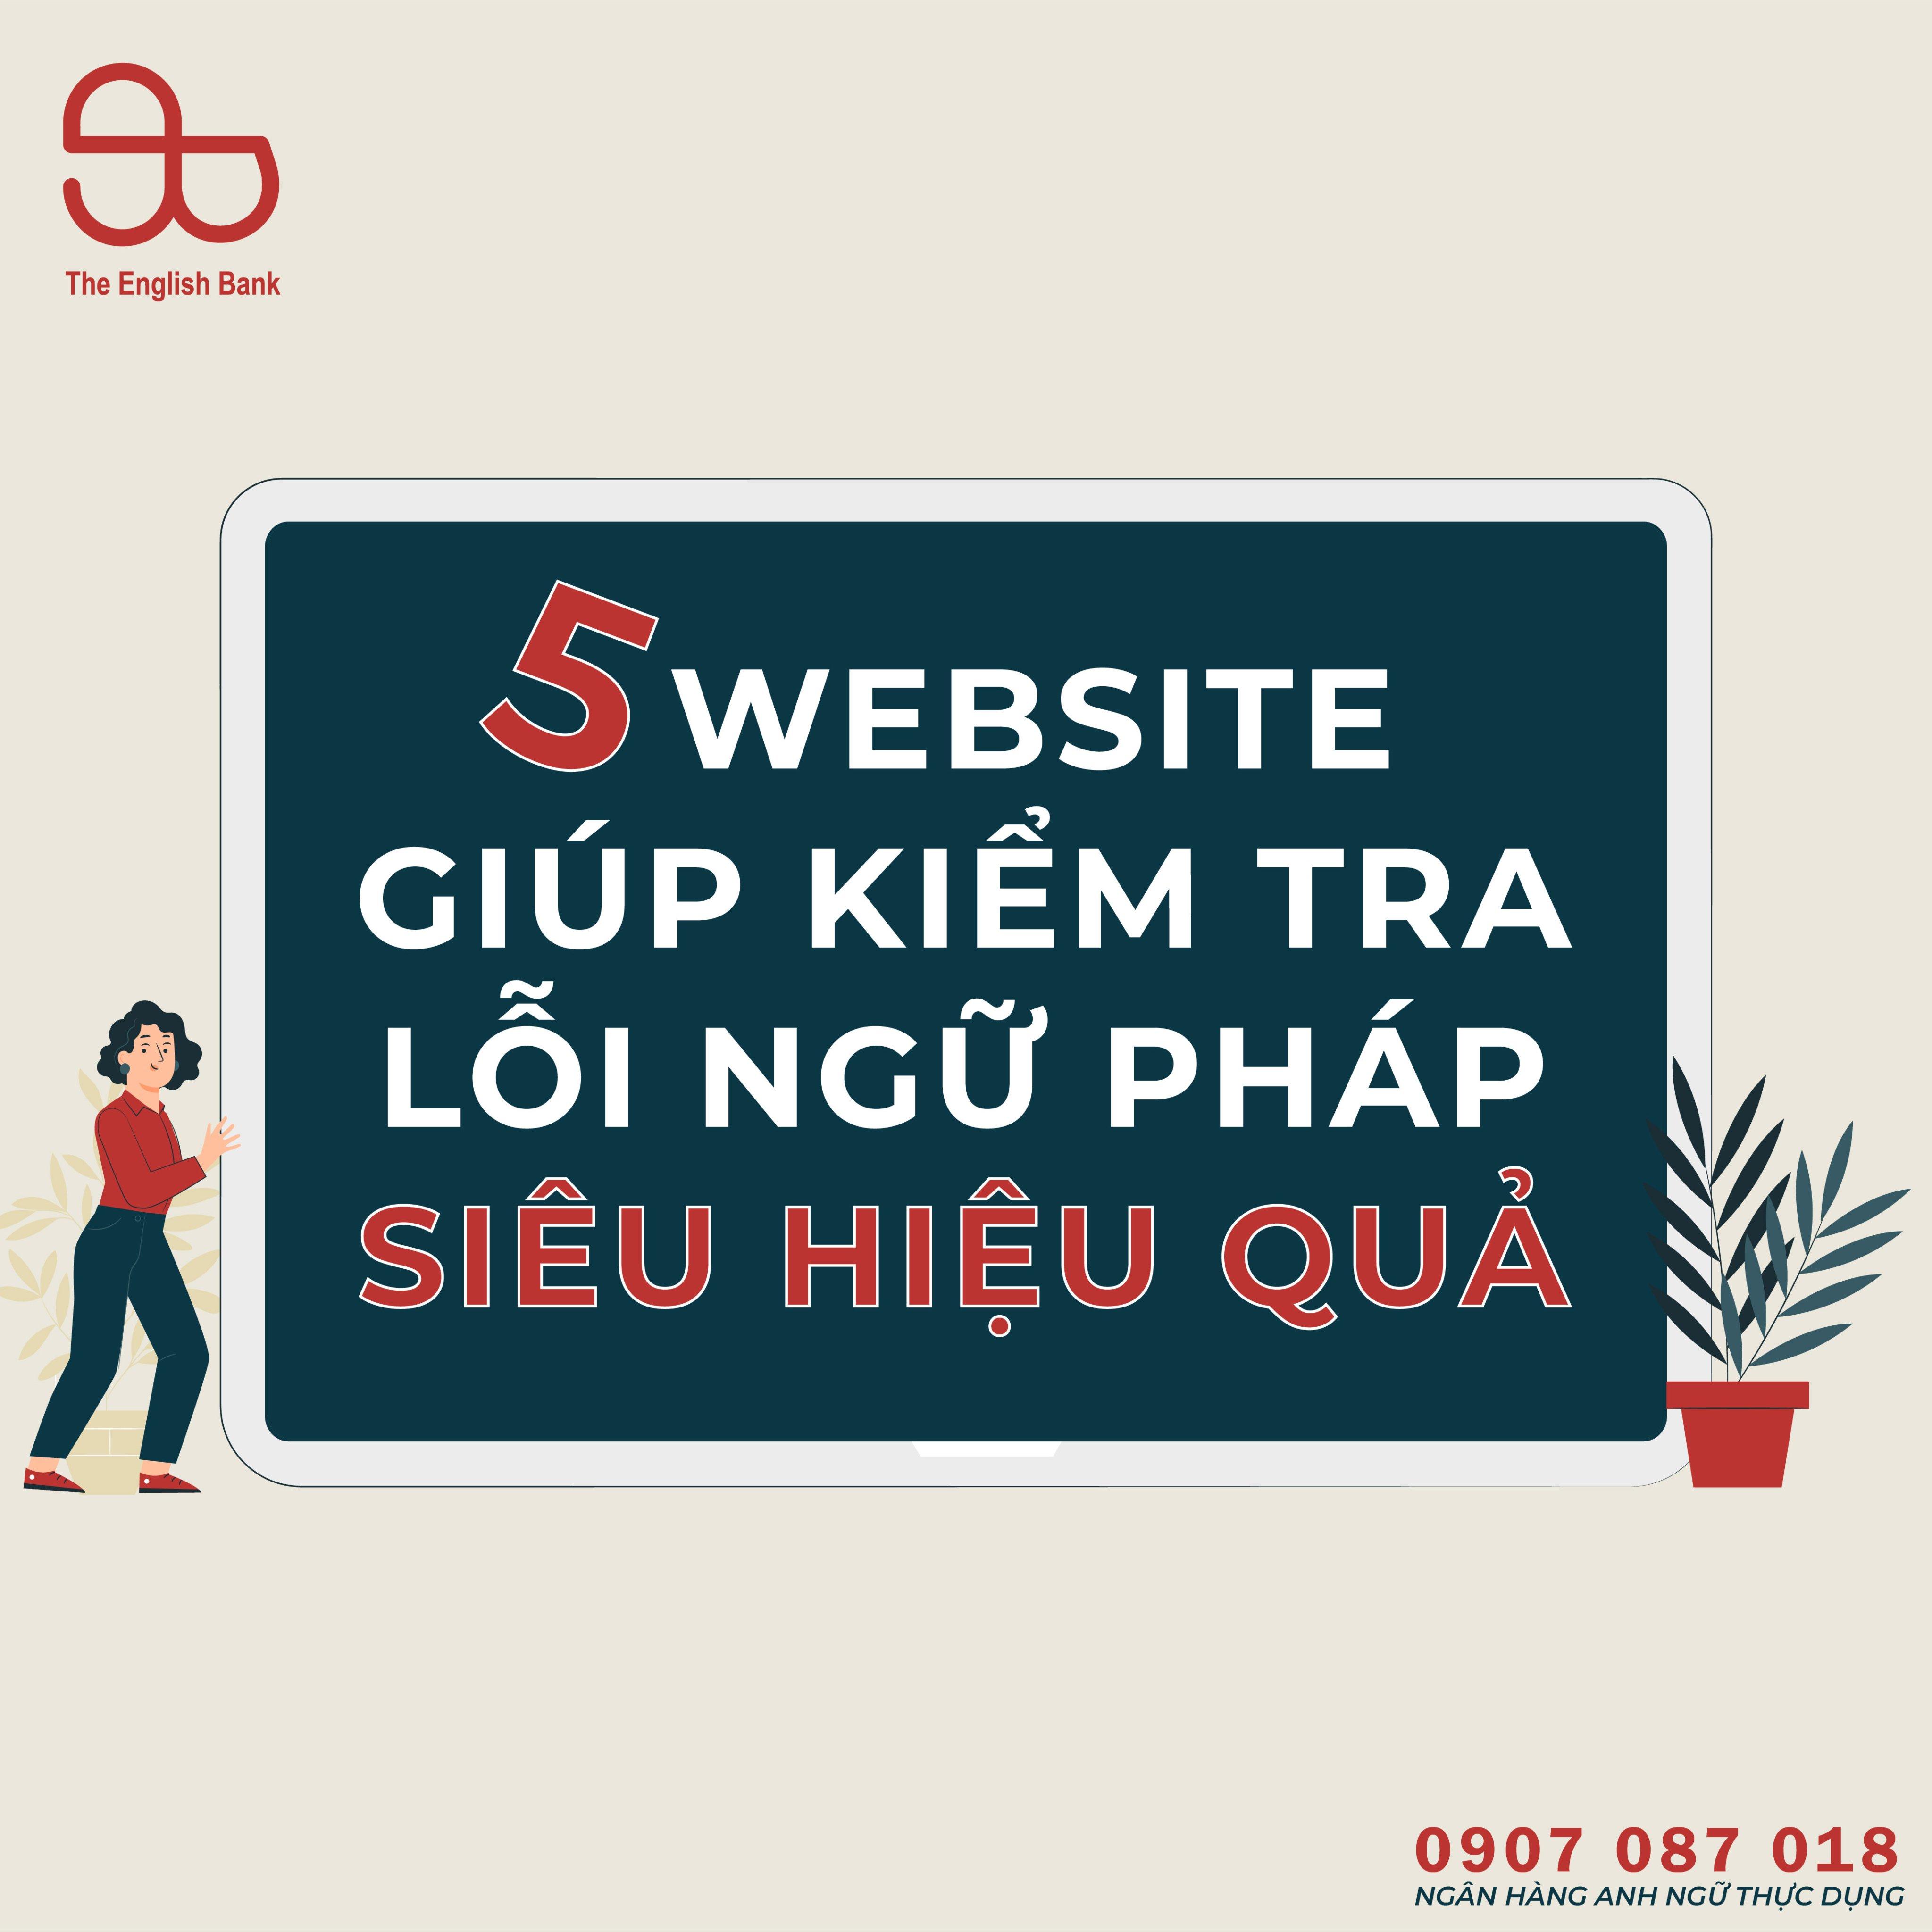 5 Website Giúp Kiểm Tra Lỗi Ngữ Pháp Tiếng Anh Siêu Hiệu Quả